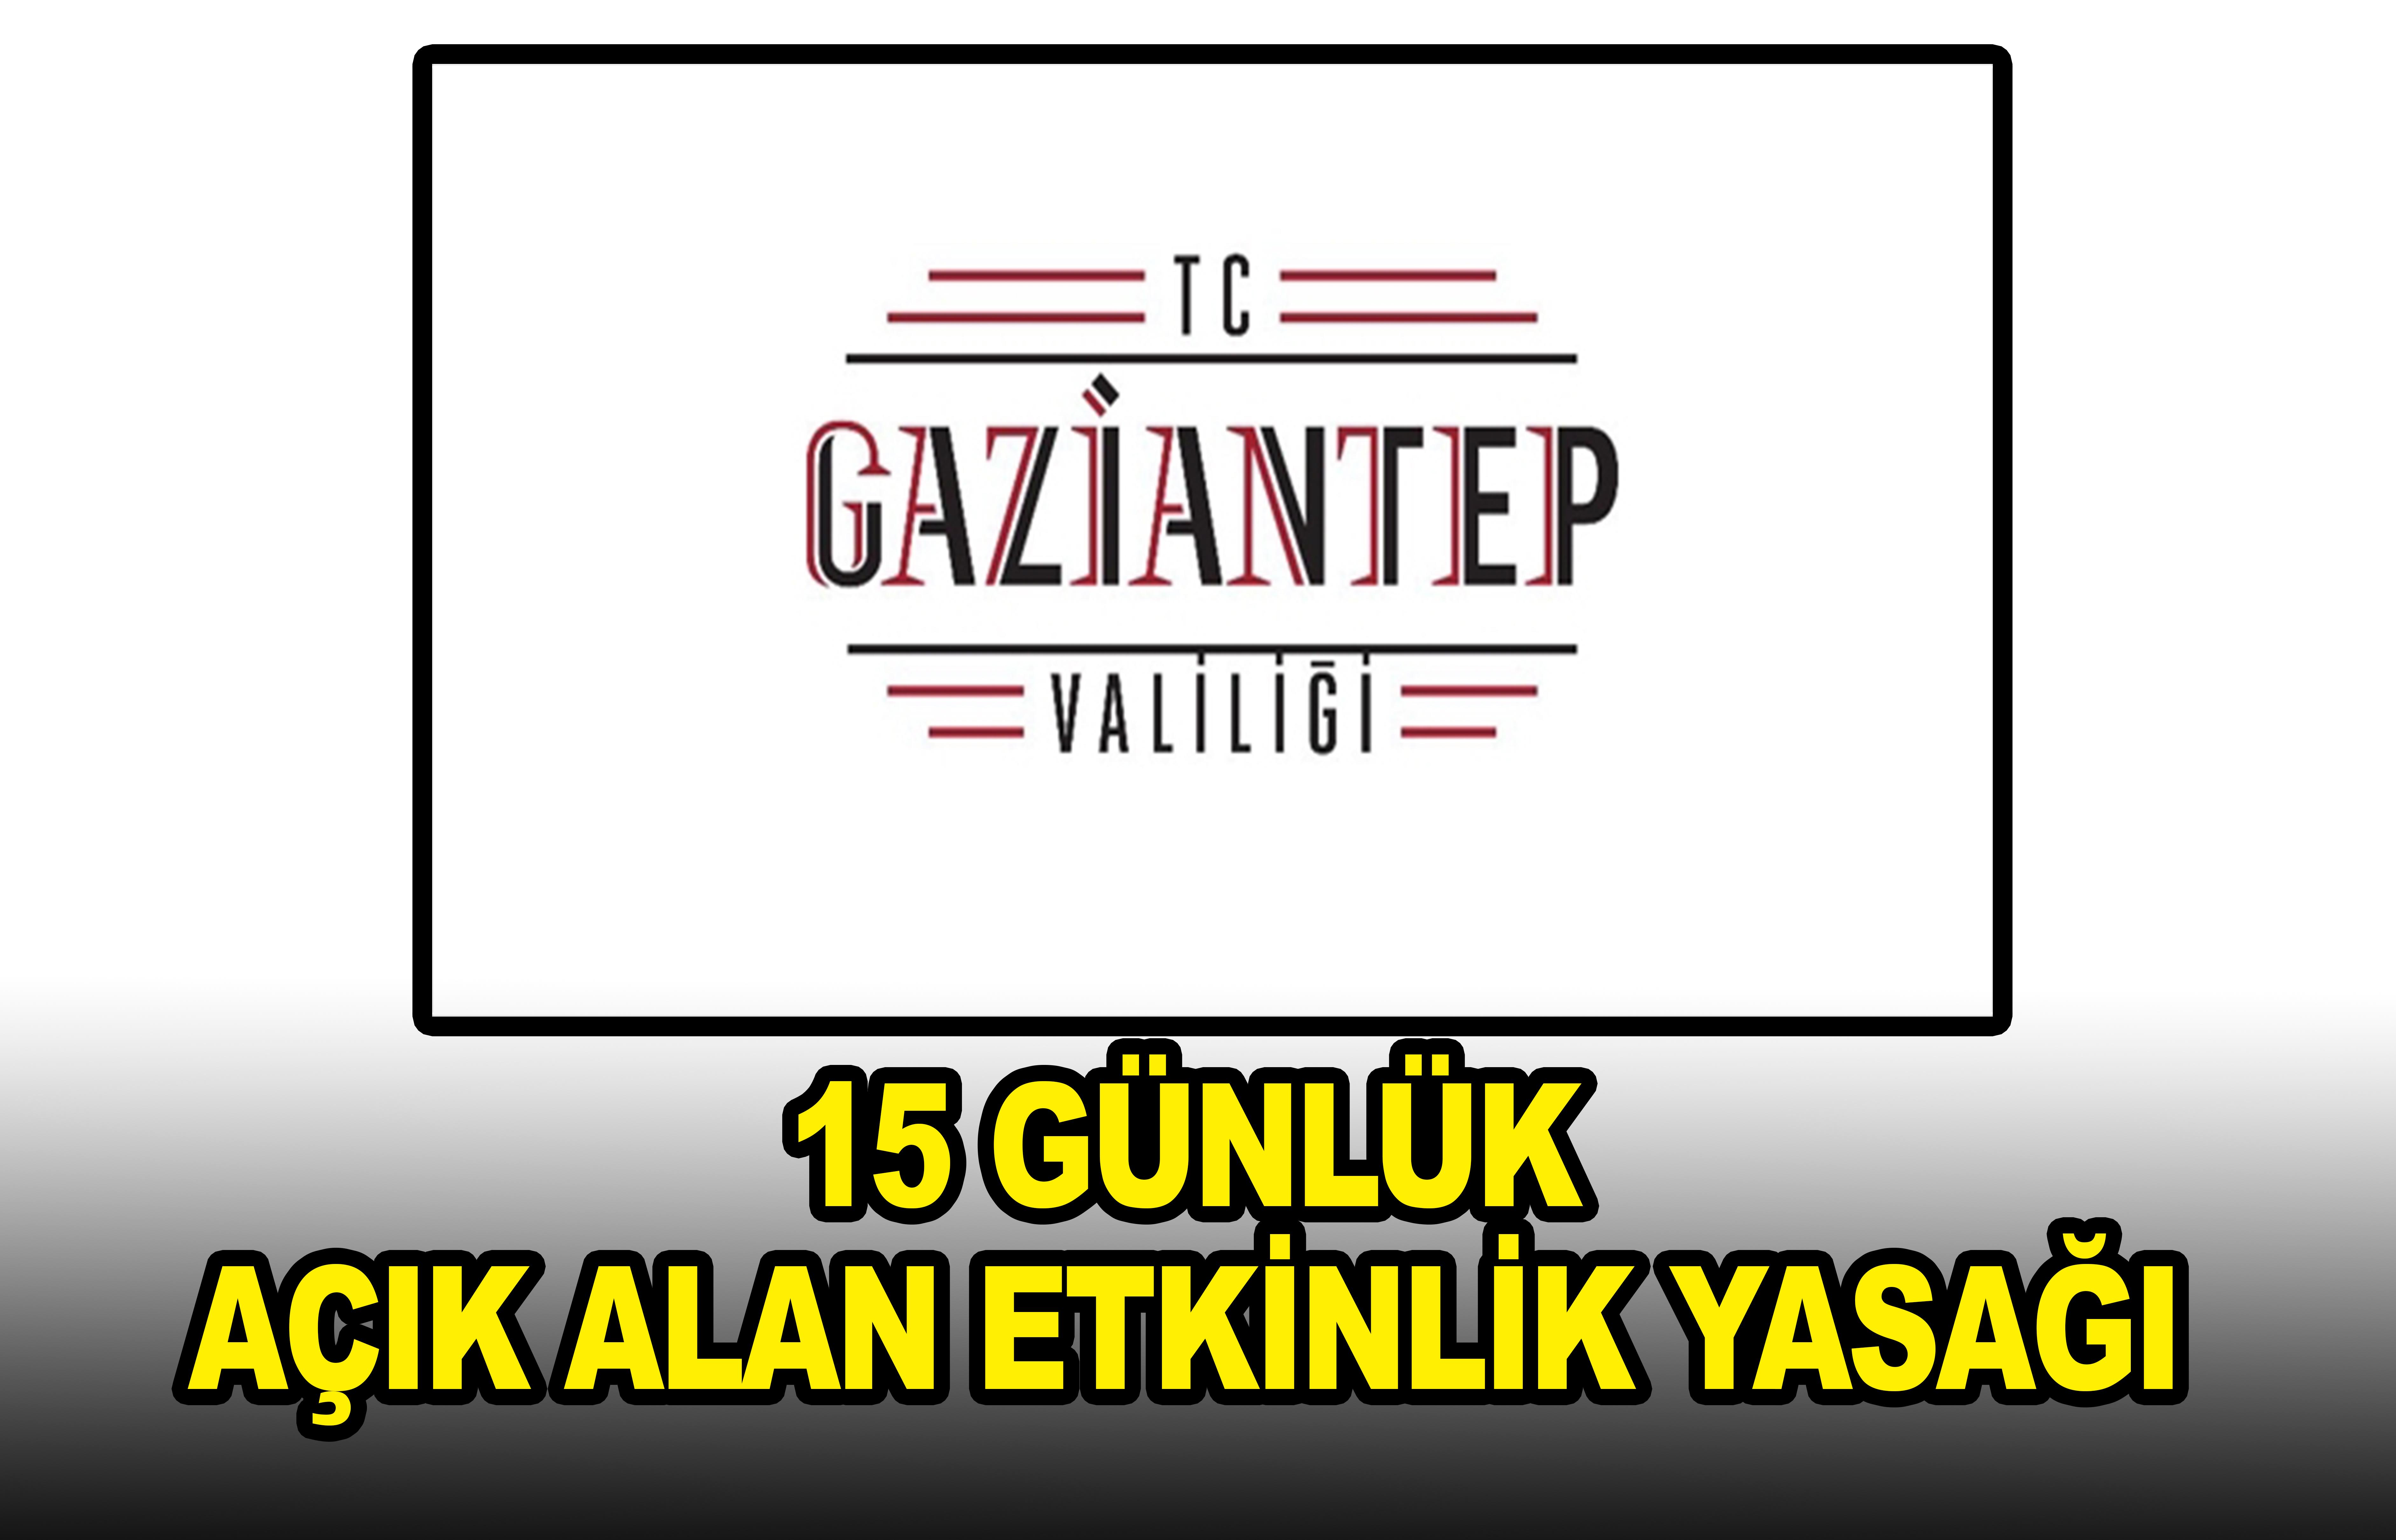 Gaziantep Valiliiği'nden açık alan yasağı!